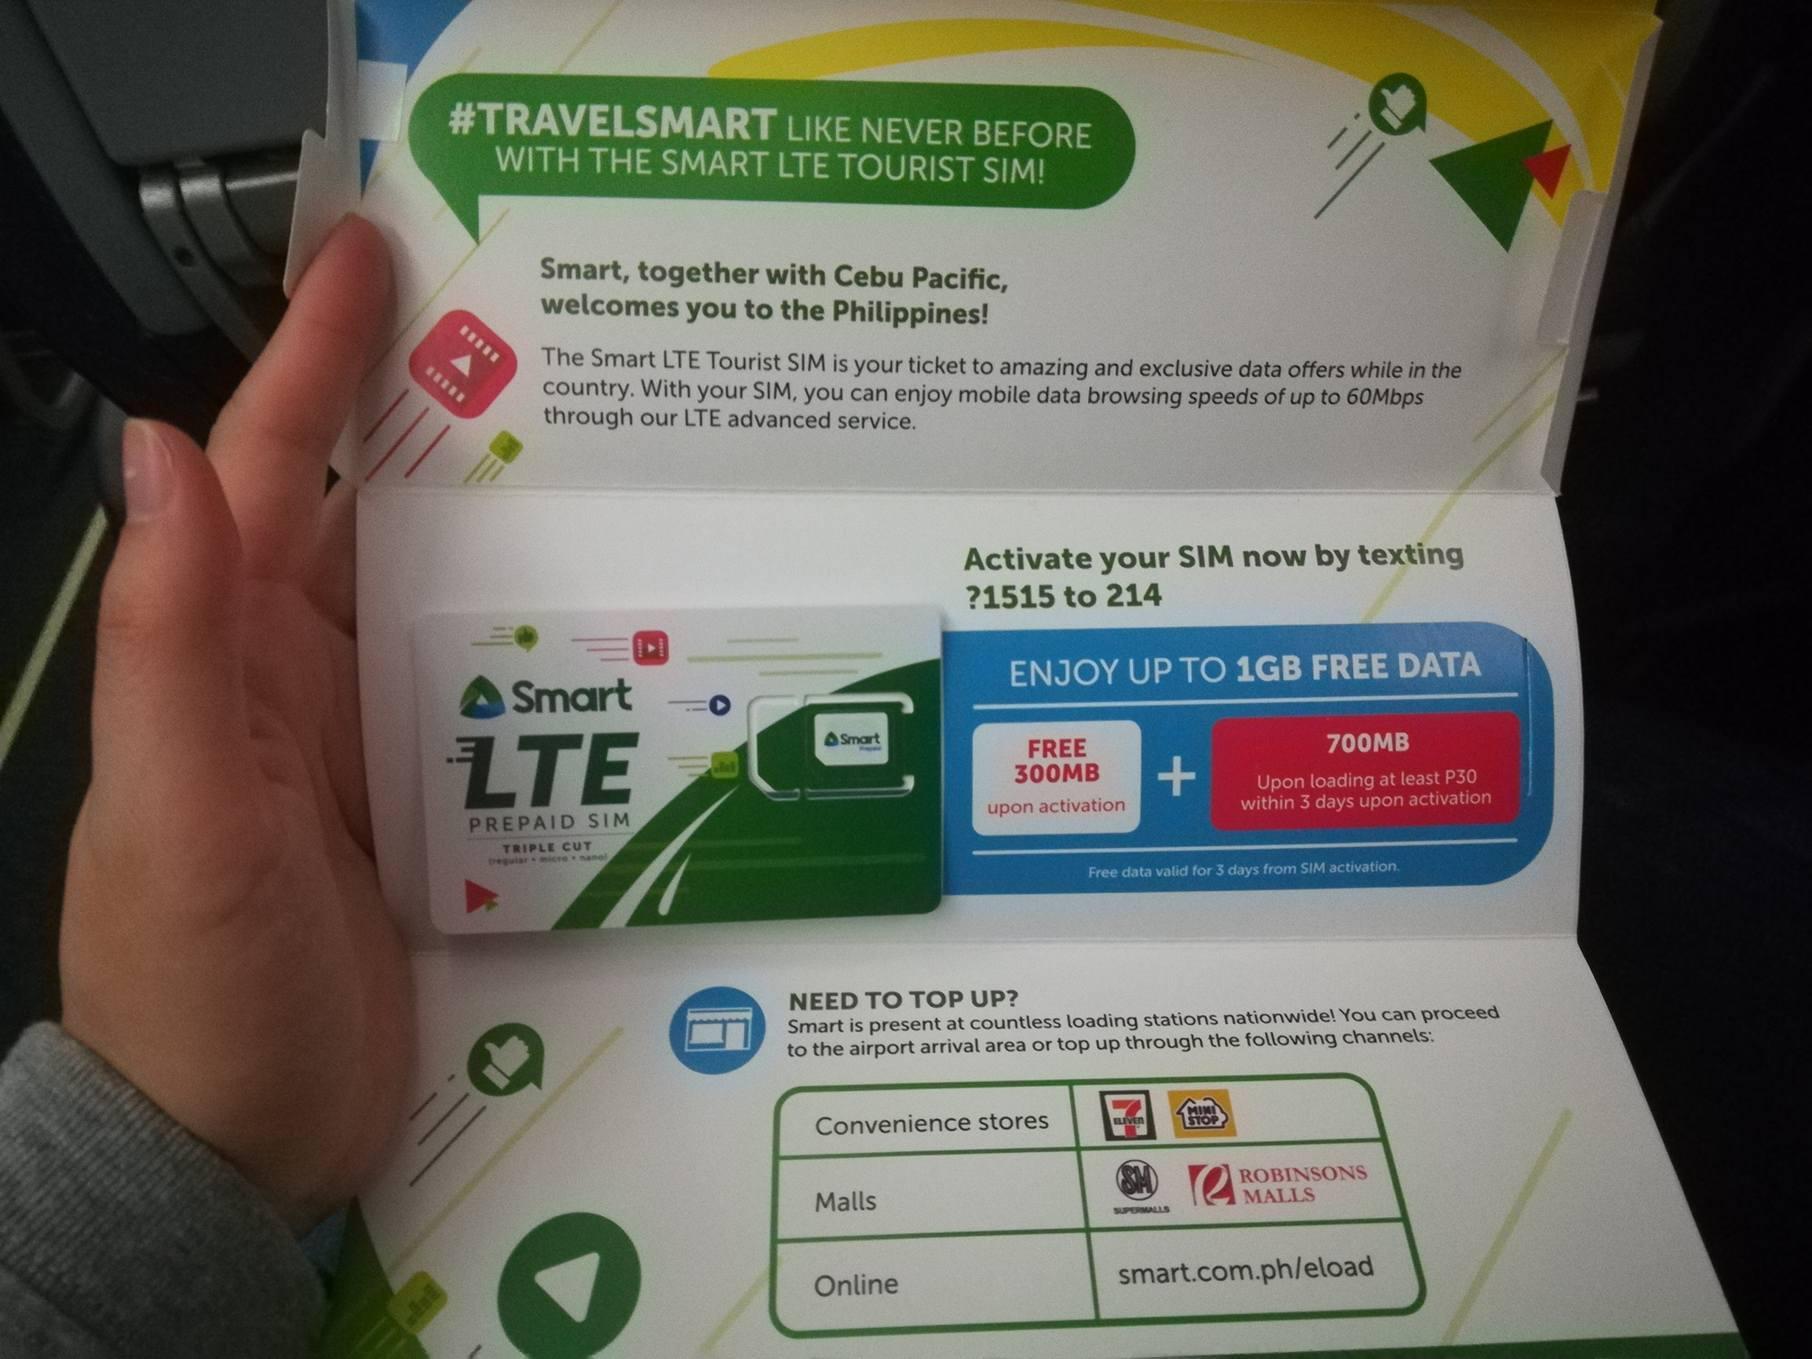 観光客必見!セブパシフィック航空機内で無料で貰える携帯電話のSIMカードを使ってみた!